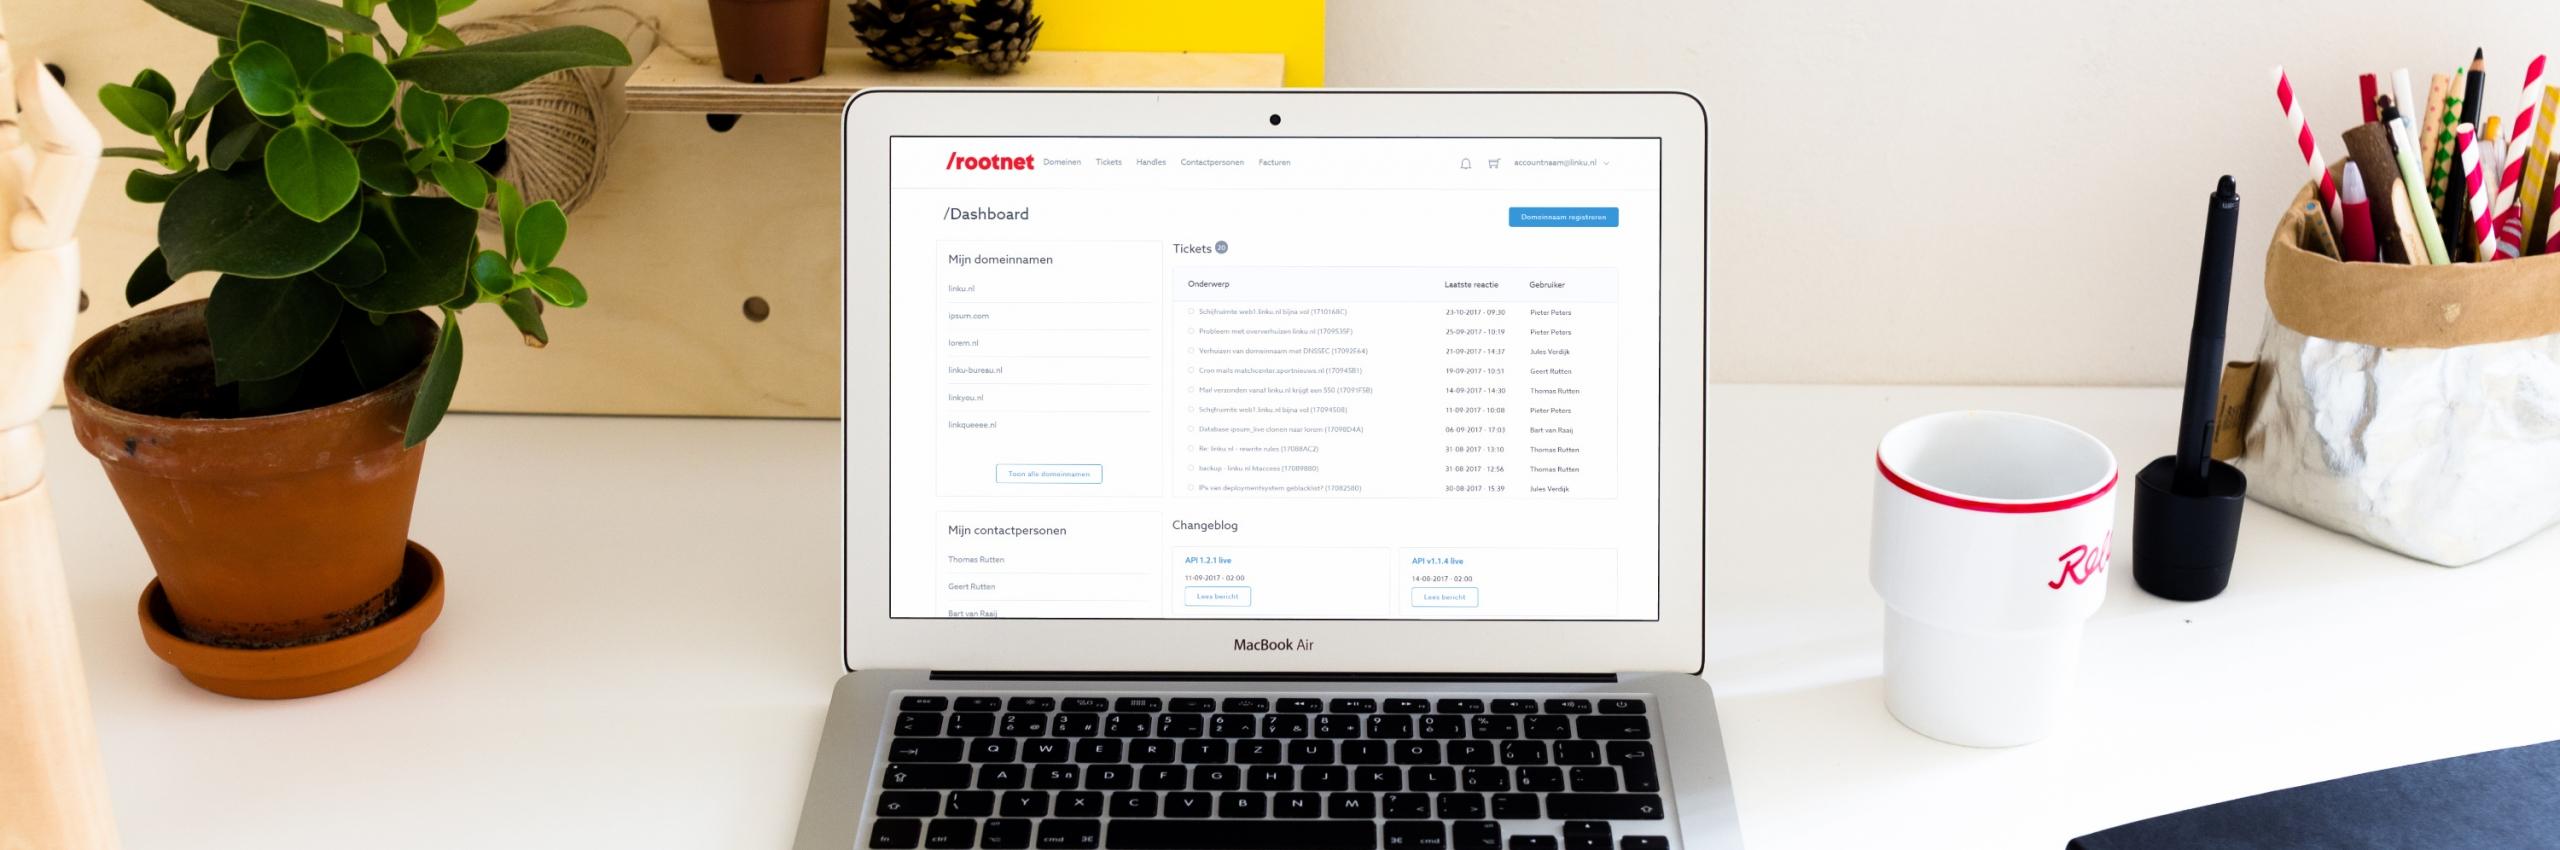 Banner for Hoe Rootnet klanten beter bedient met onze webapplicatie